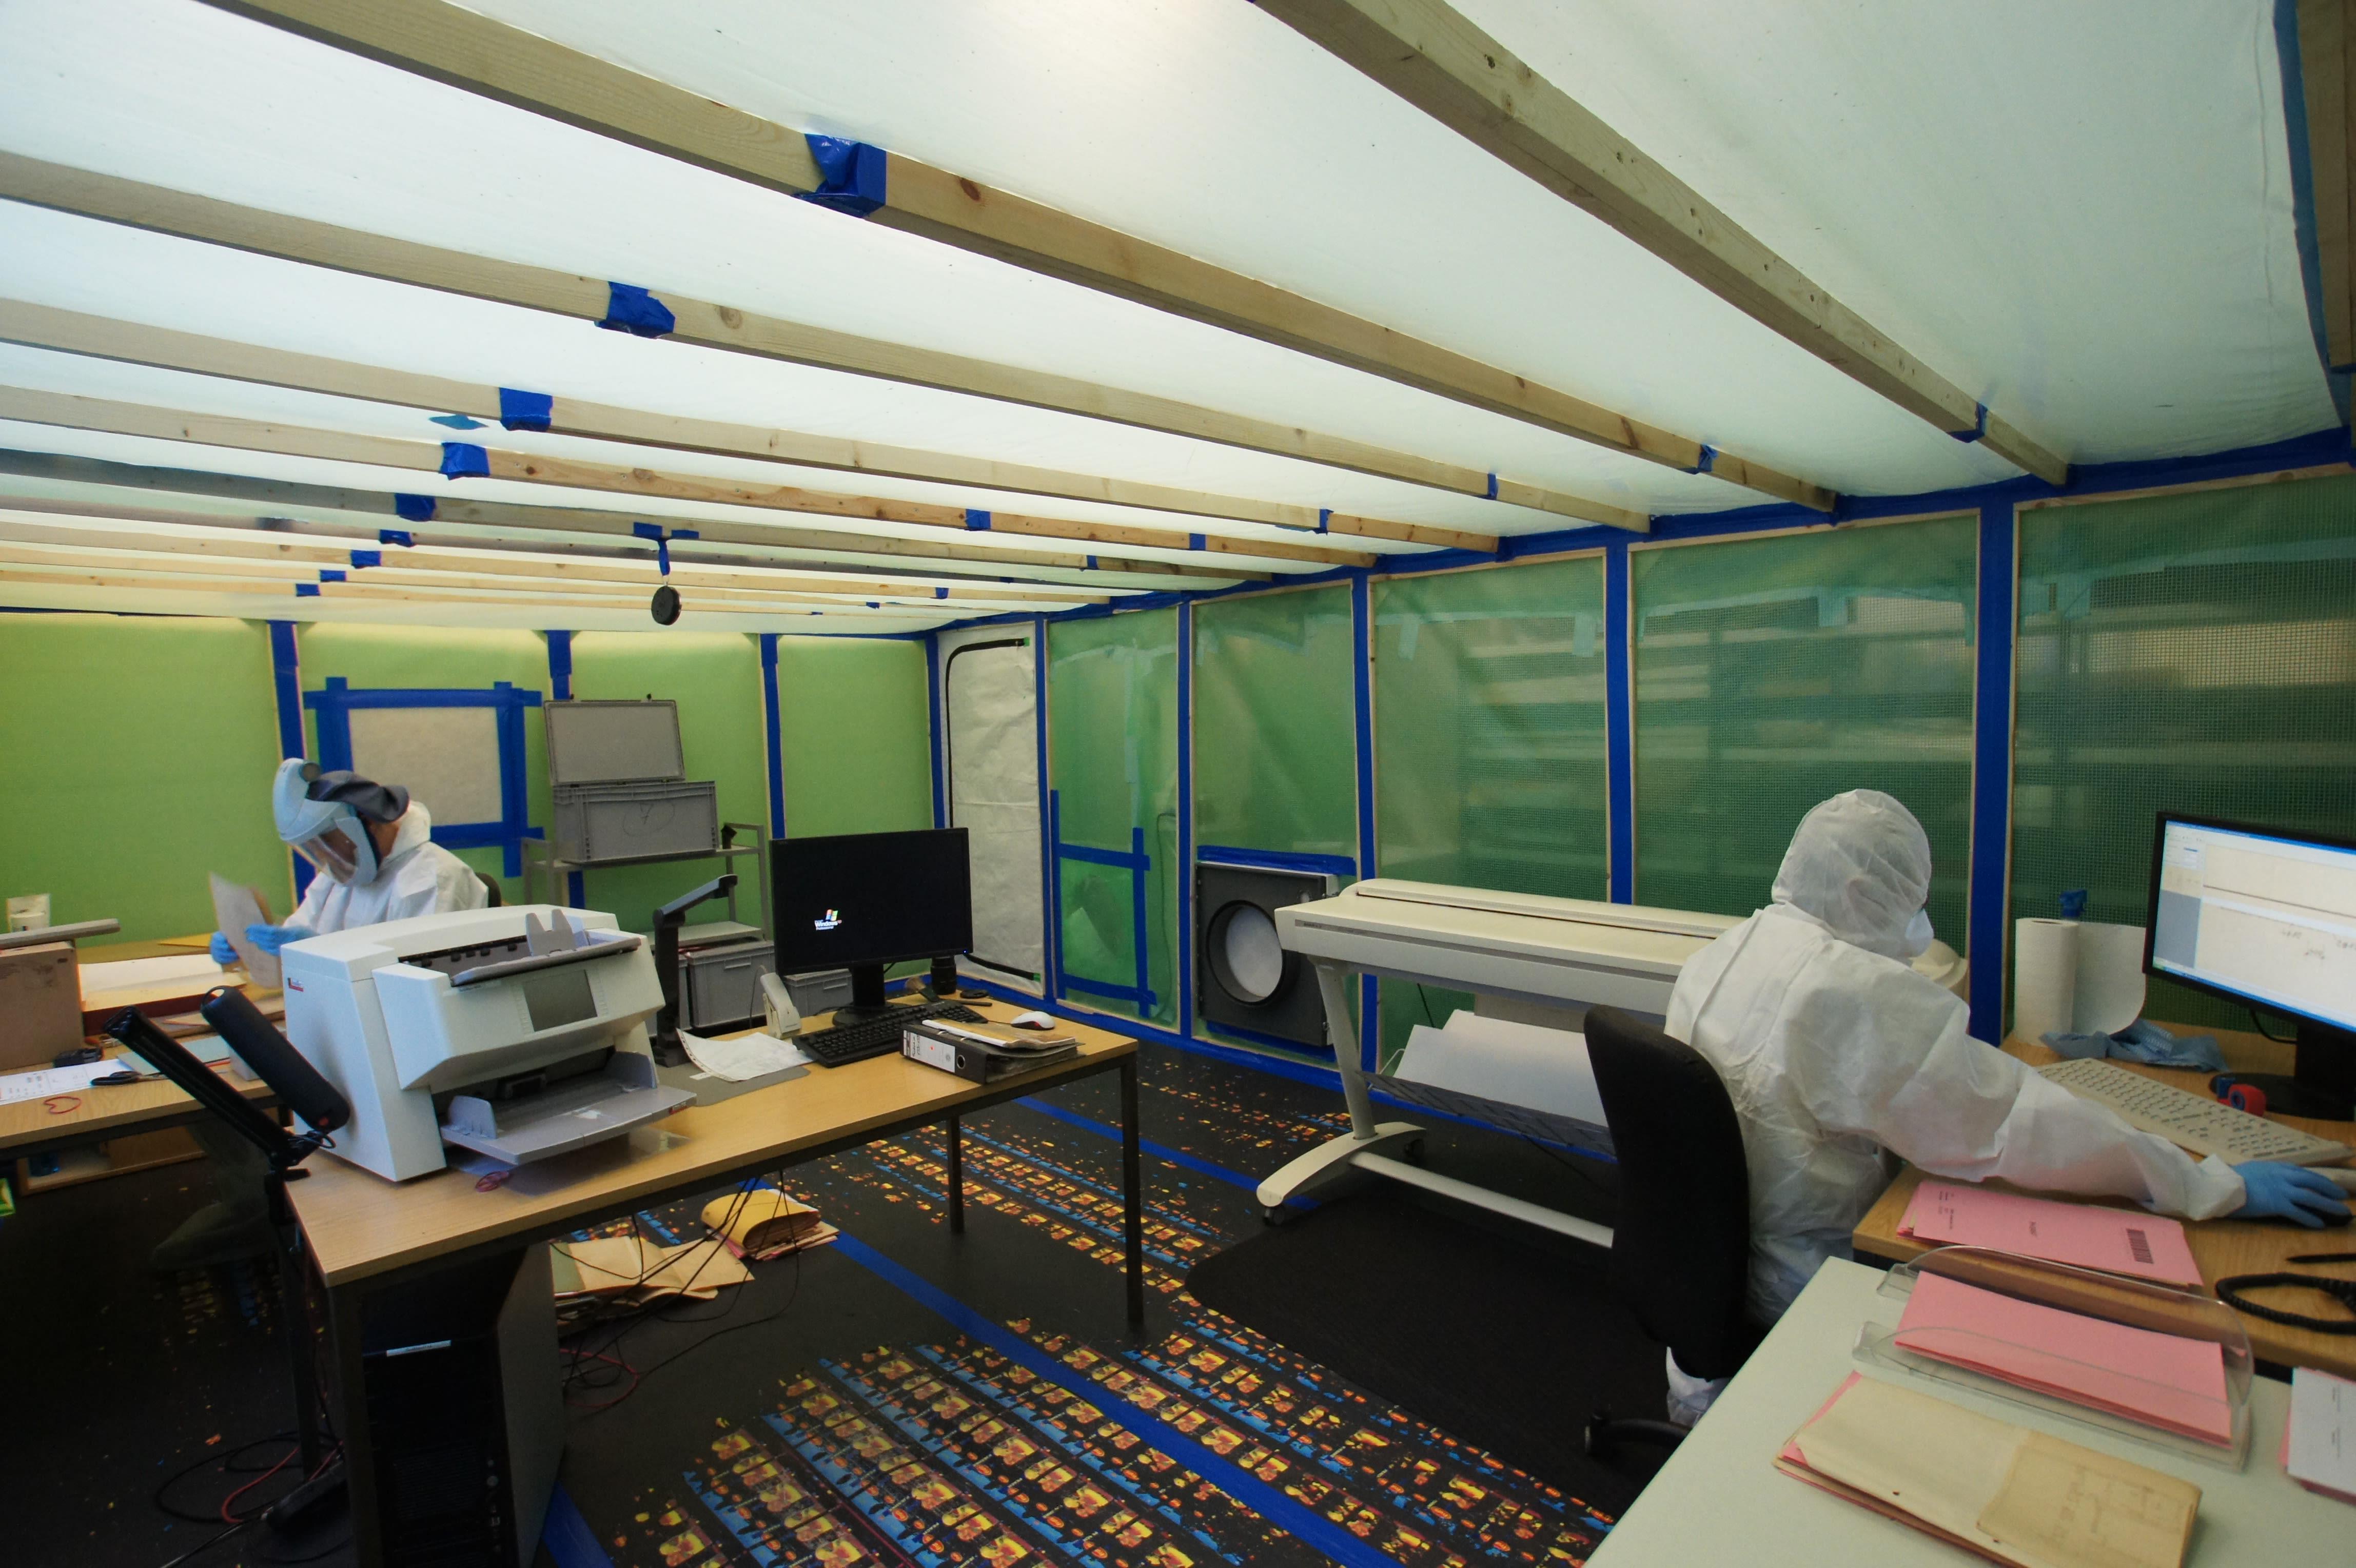 berliner scandienstleister k mpft gegen schimmel. Black Bedroom Furniture Sets. Home Design Ideas